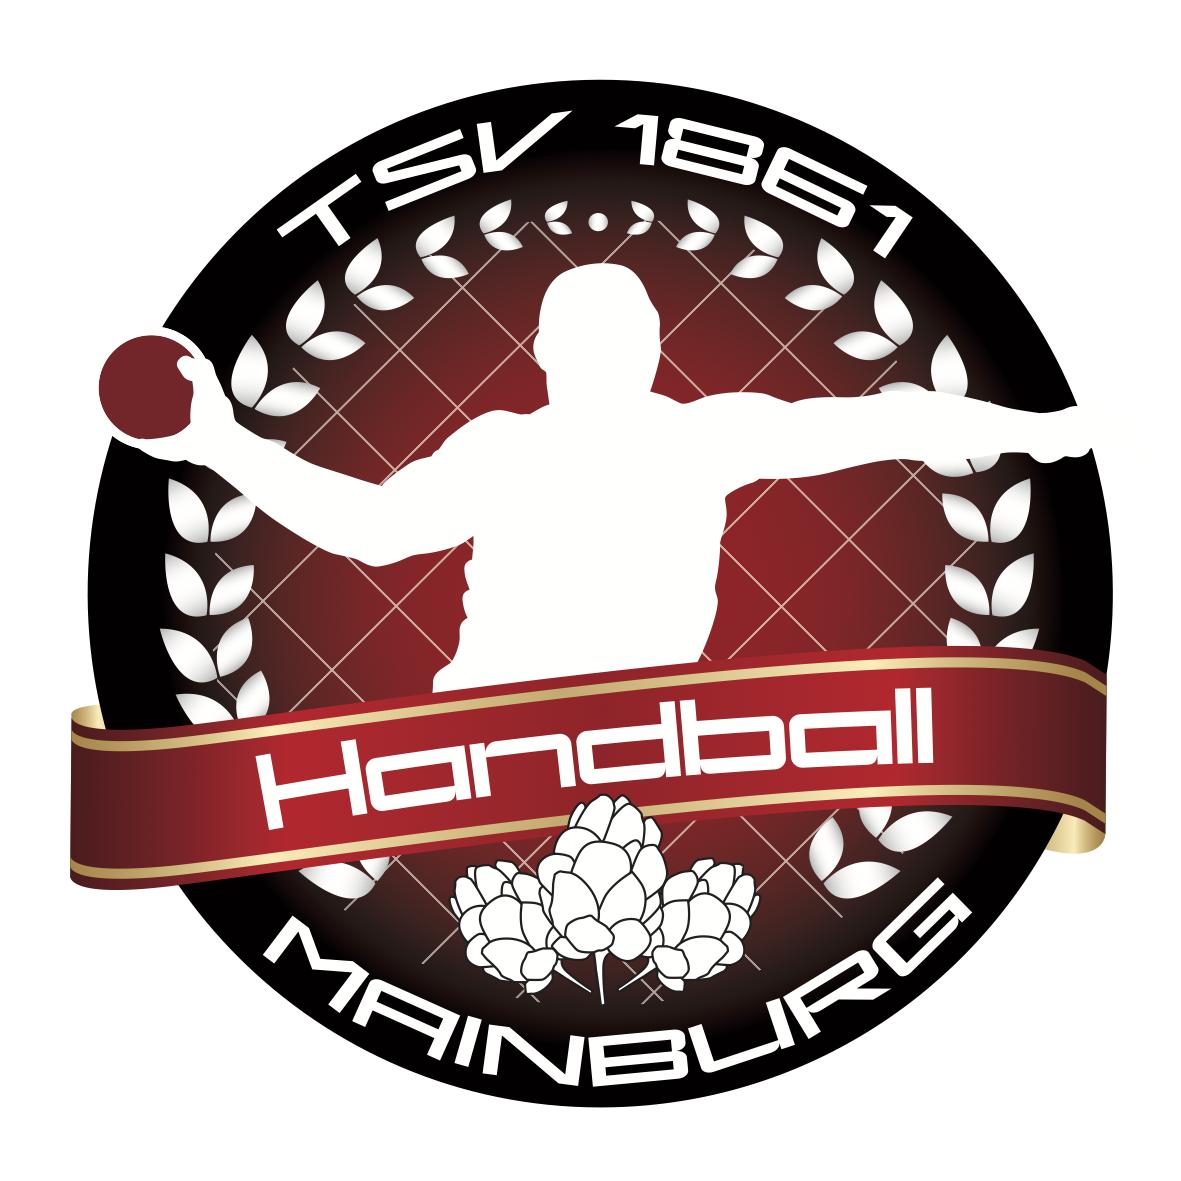 Handball_Wappen_10x10cm_4c_300dpi,pbg